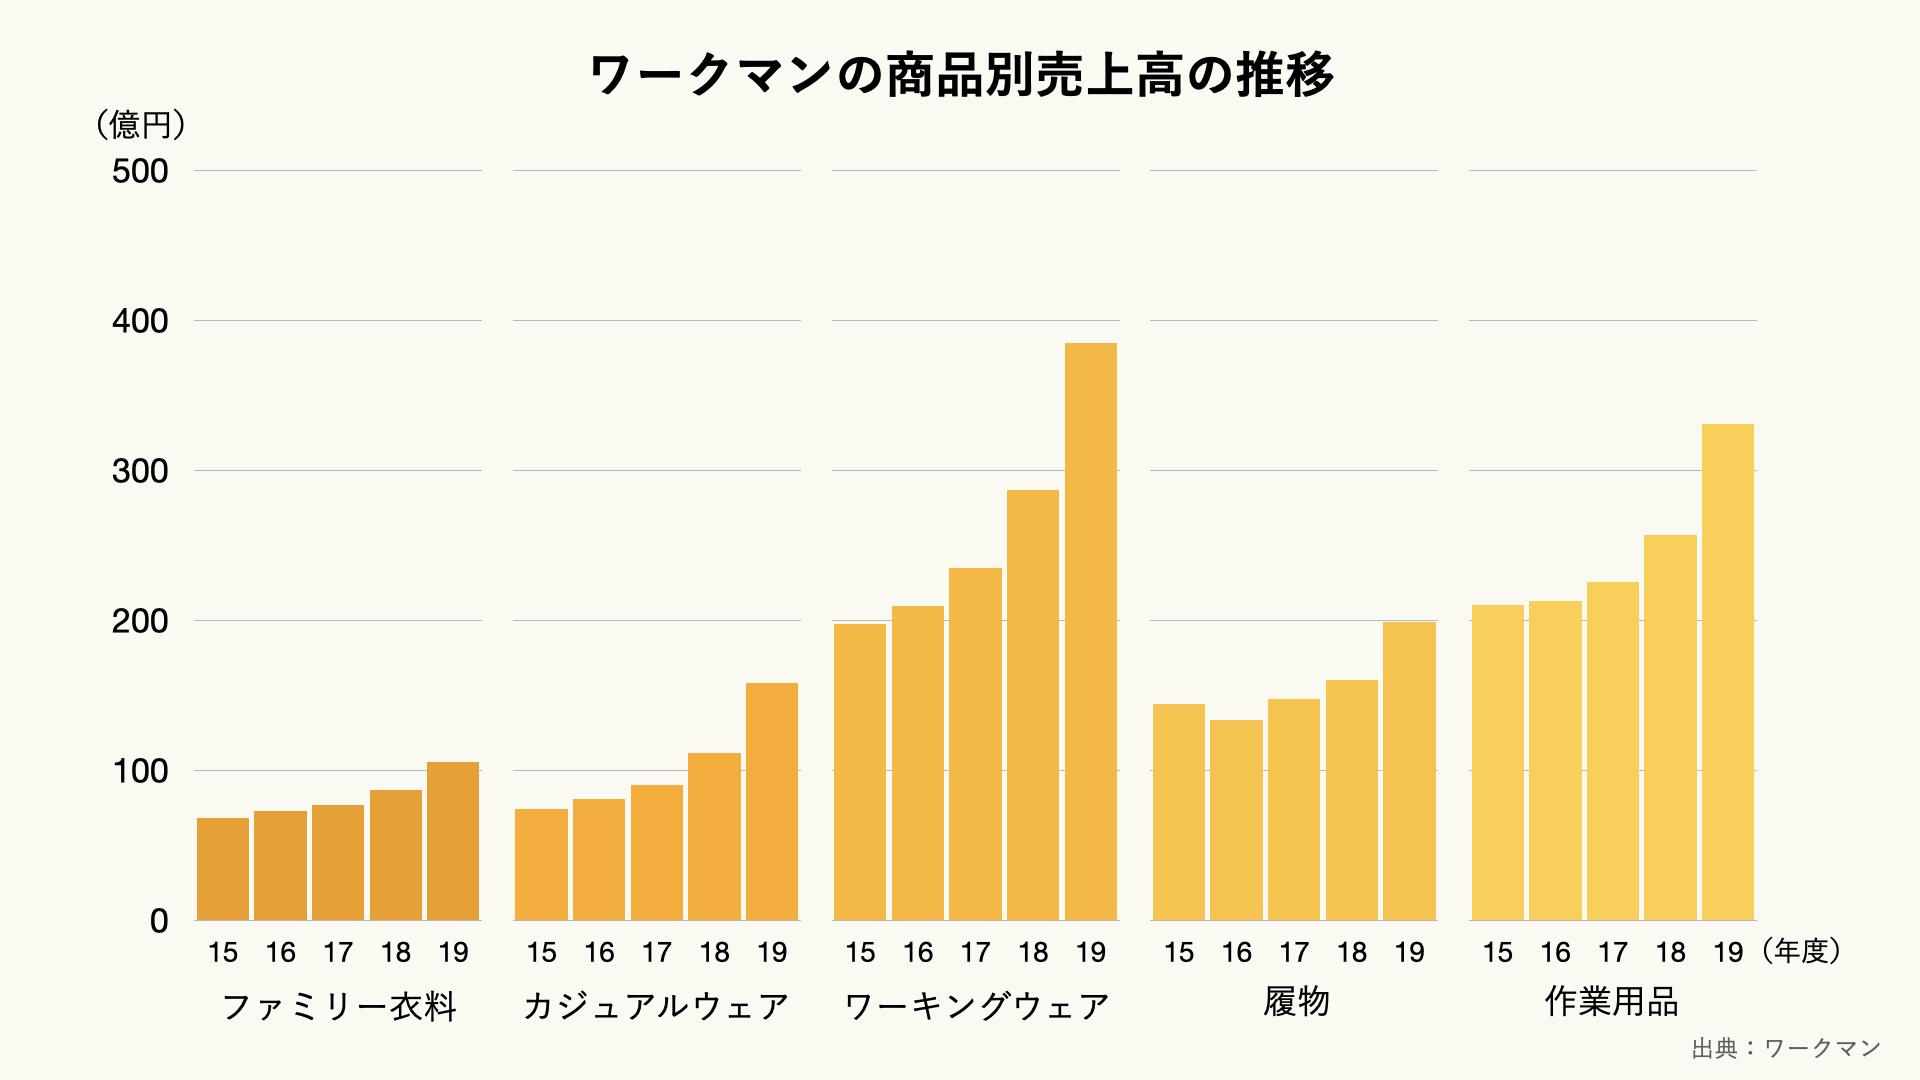 ワークマンの製品別売上高の推移のグラフ